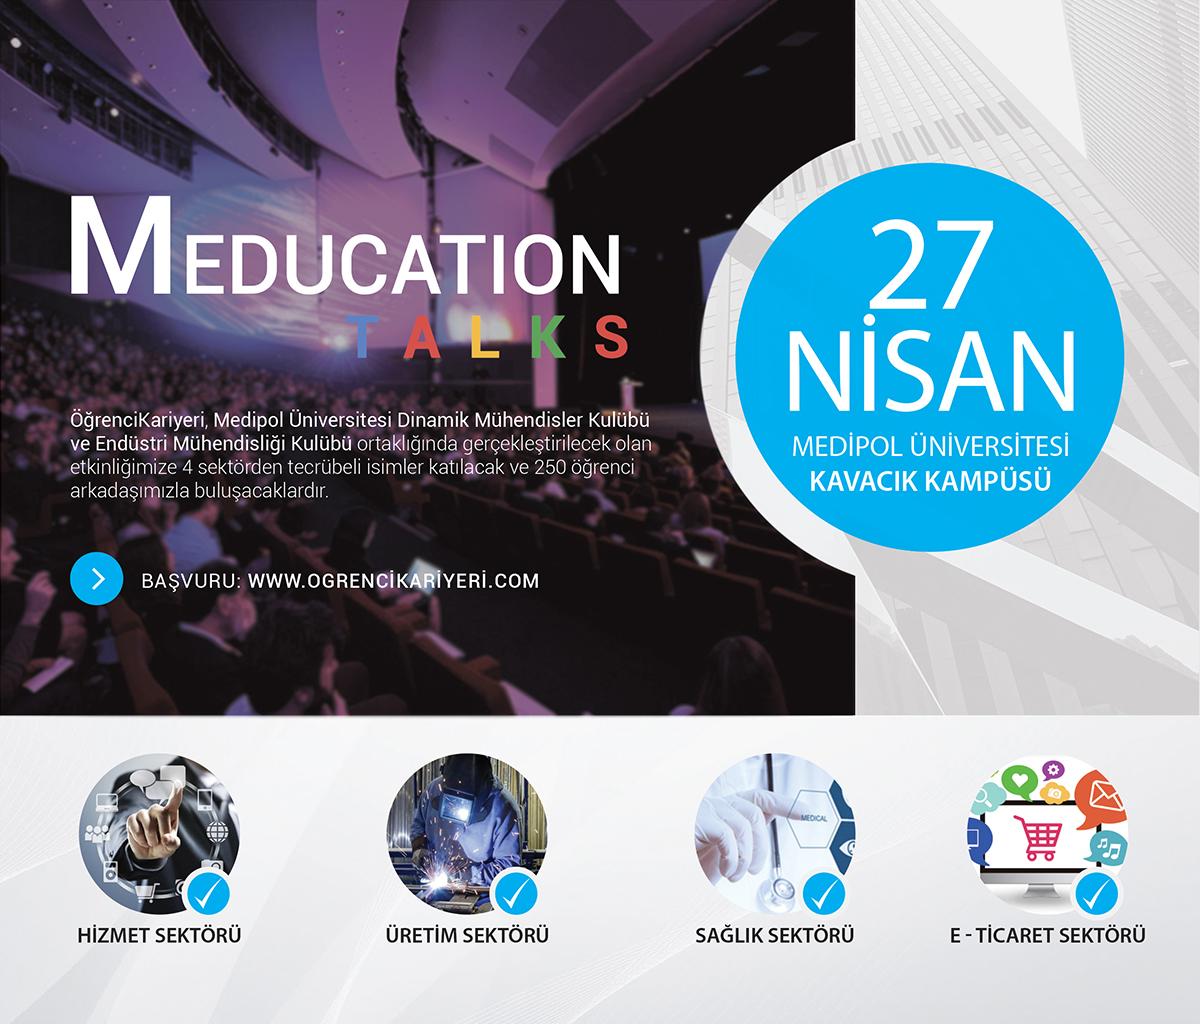 Meducation Talks